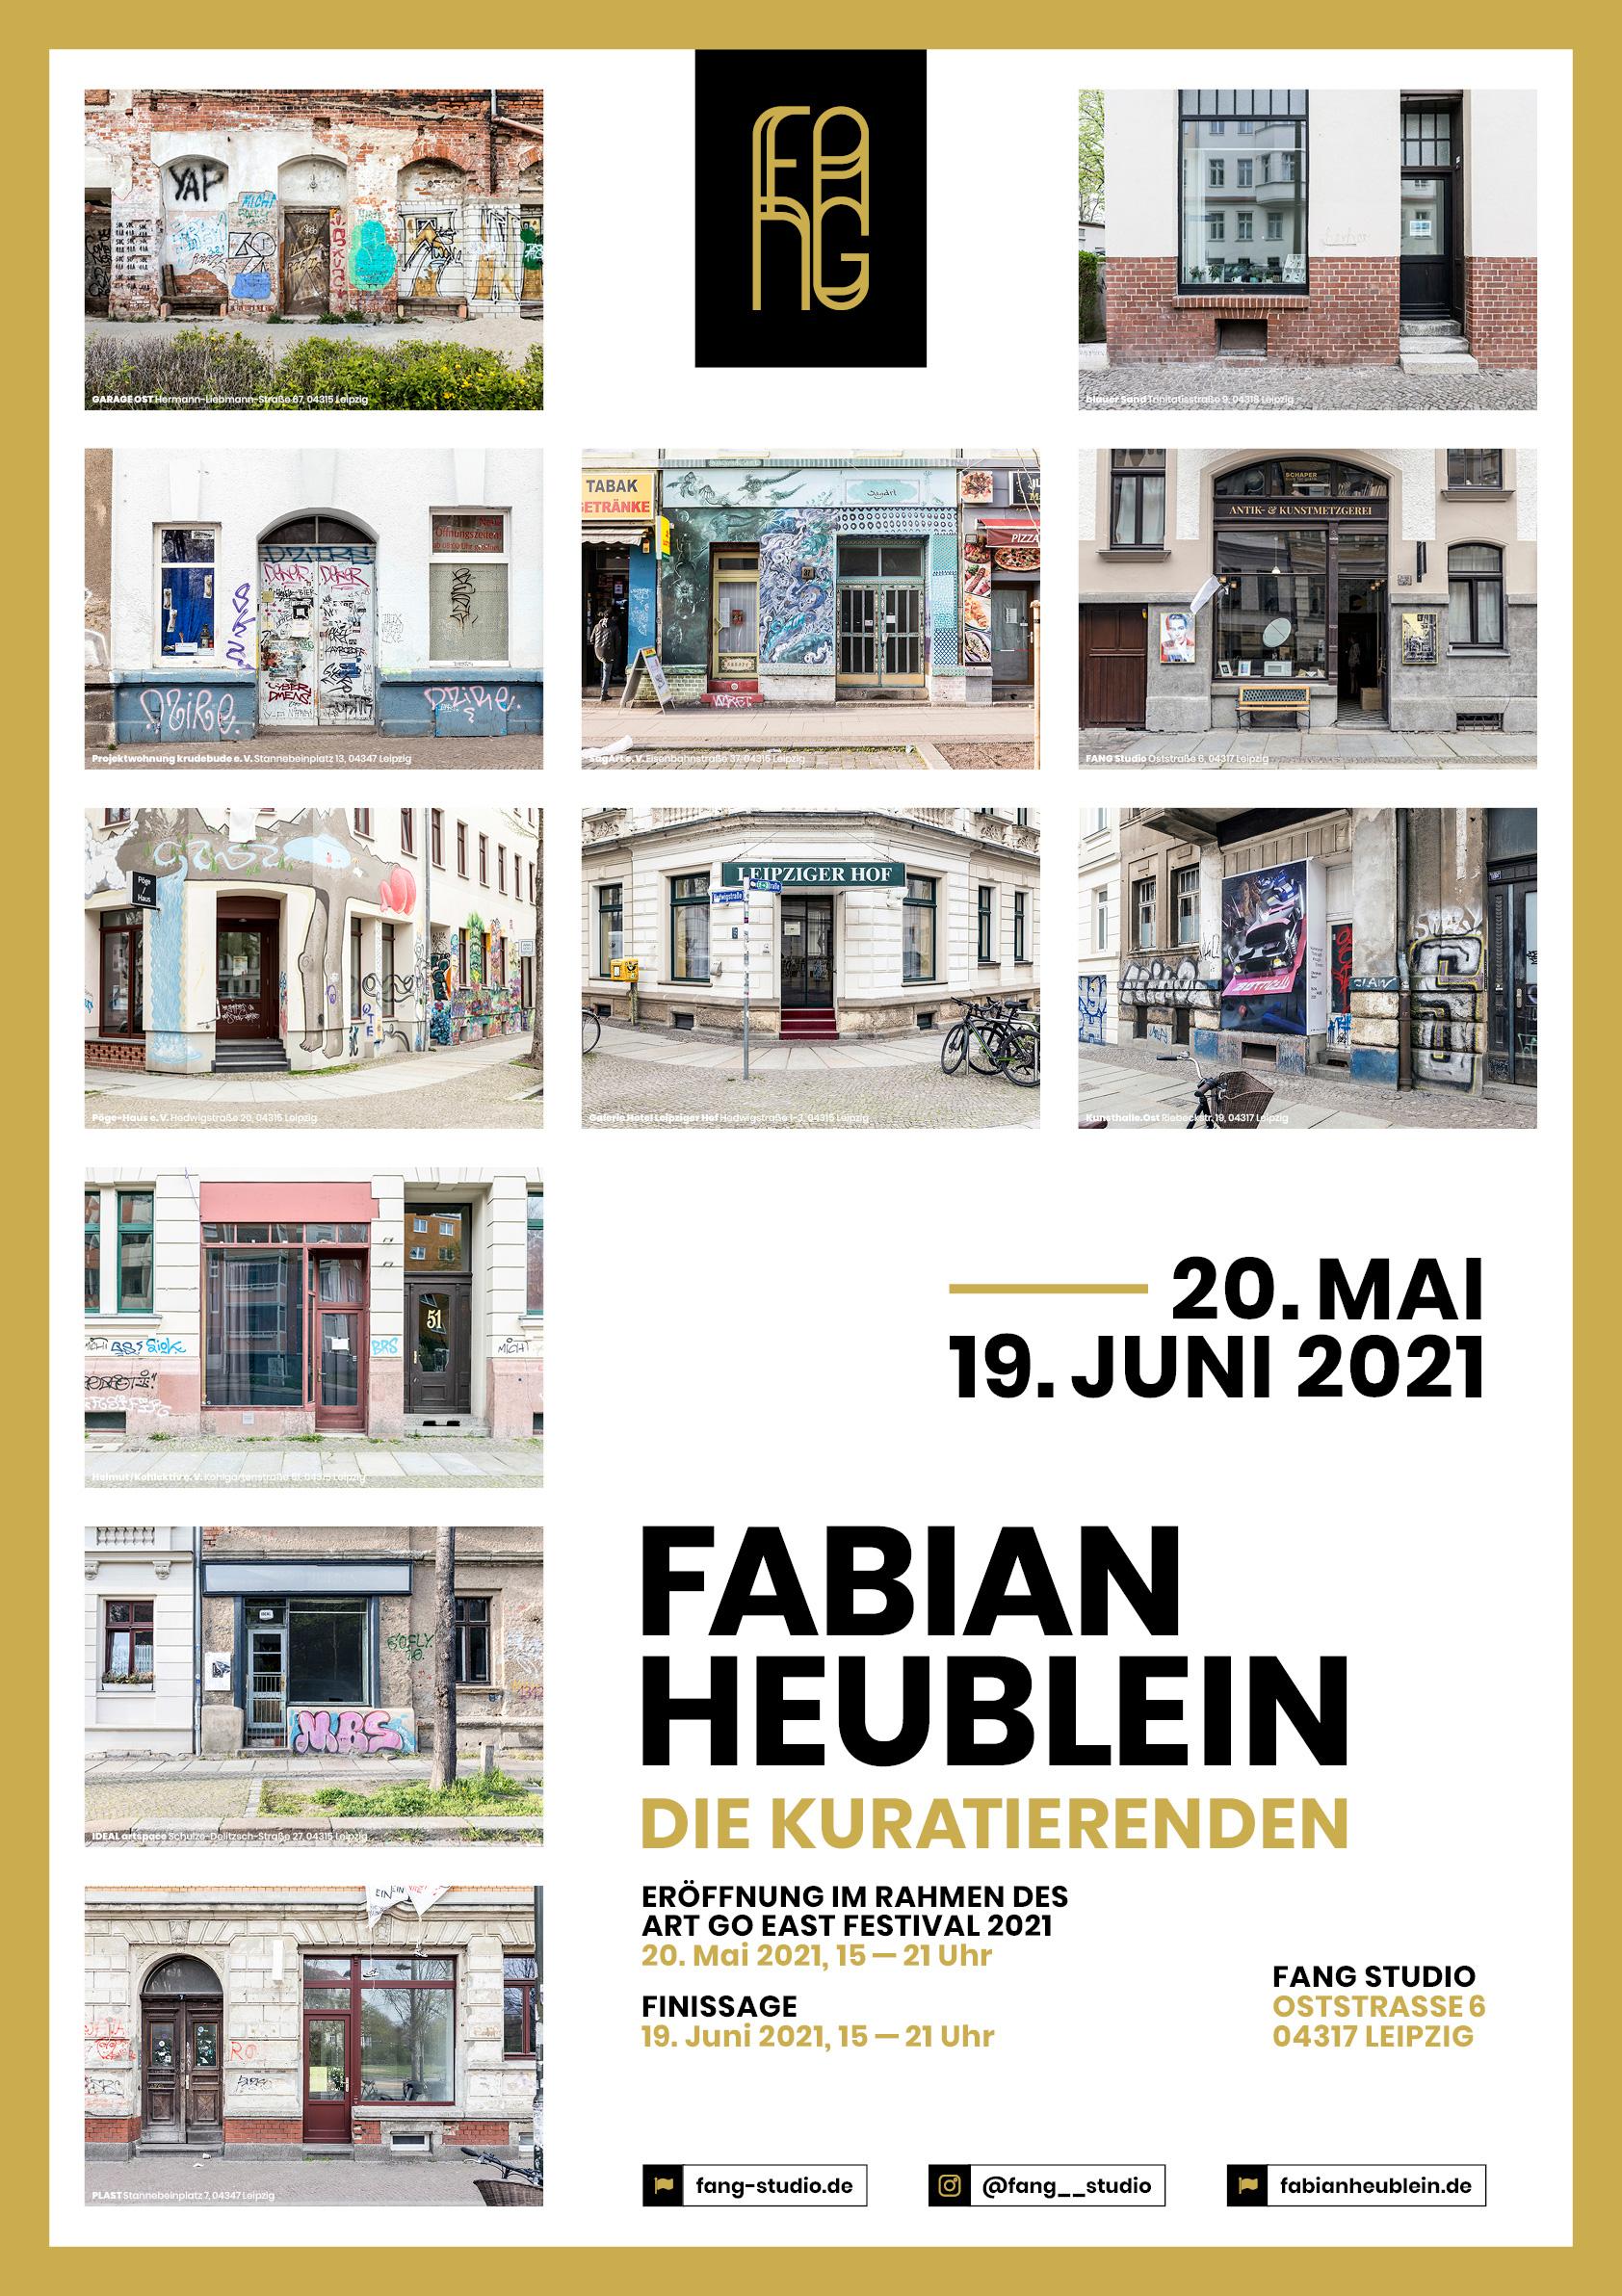 Fabian Heublein – Die Kuratierenden